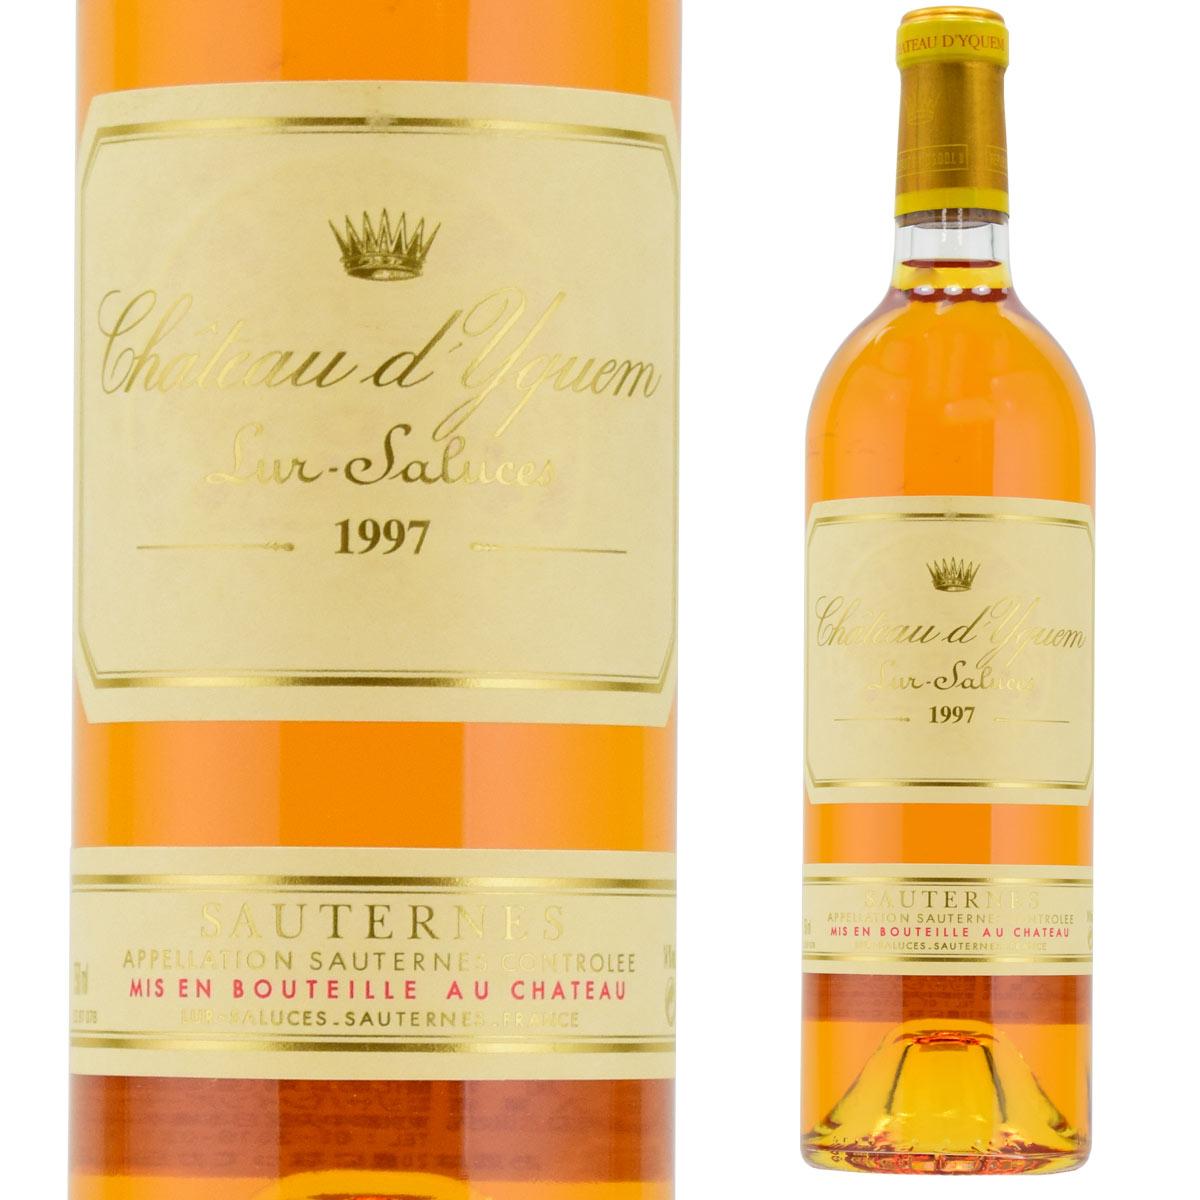 シャトー・ディケム 1997 750ml 貴腐ワイン ソーテルヌ 格付1級 Sauternes chateau d'Yquem